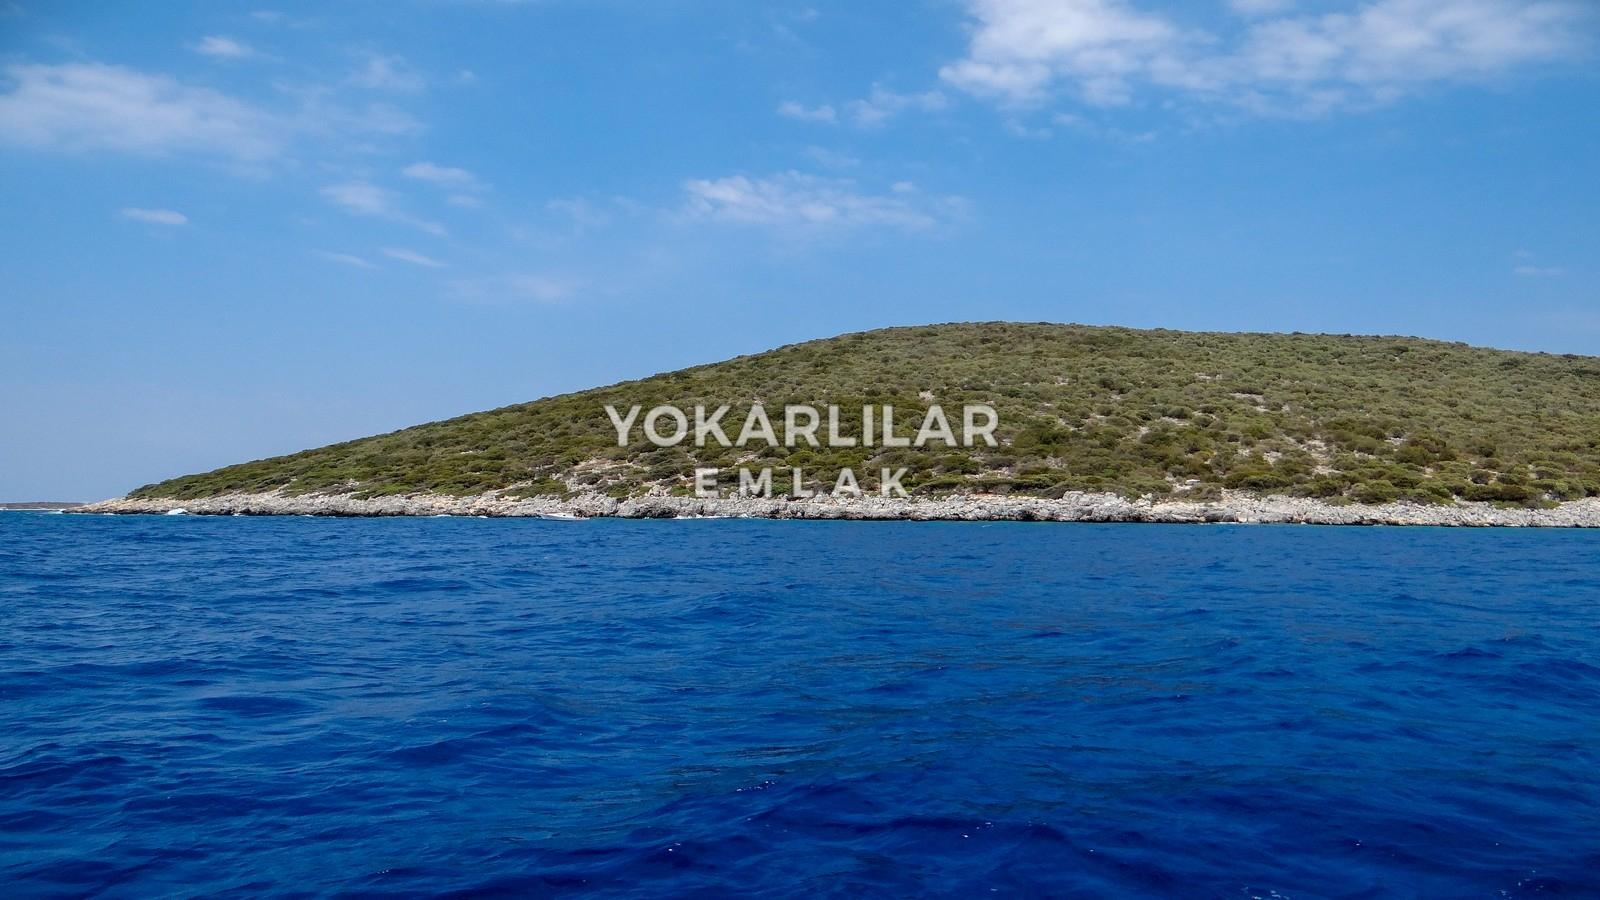 Yokarlılar Emlak - Gündoğan/Satılık-Arsa/bodrum'da-gundogan'in-muhtesem-koyunda-satilik-ada-parseli